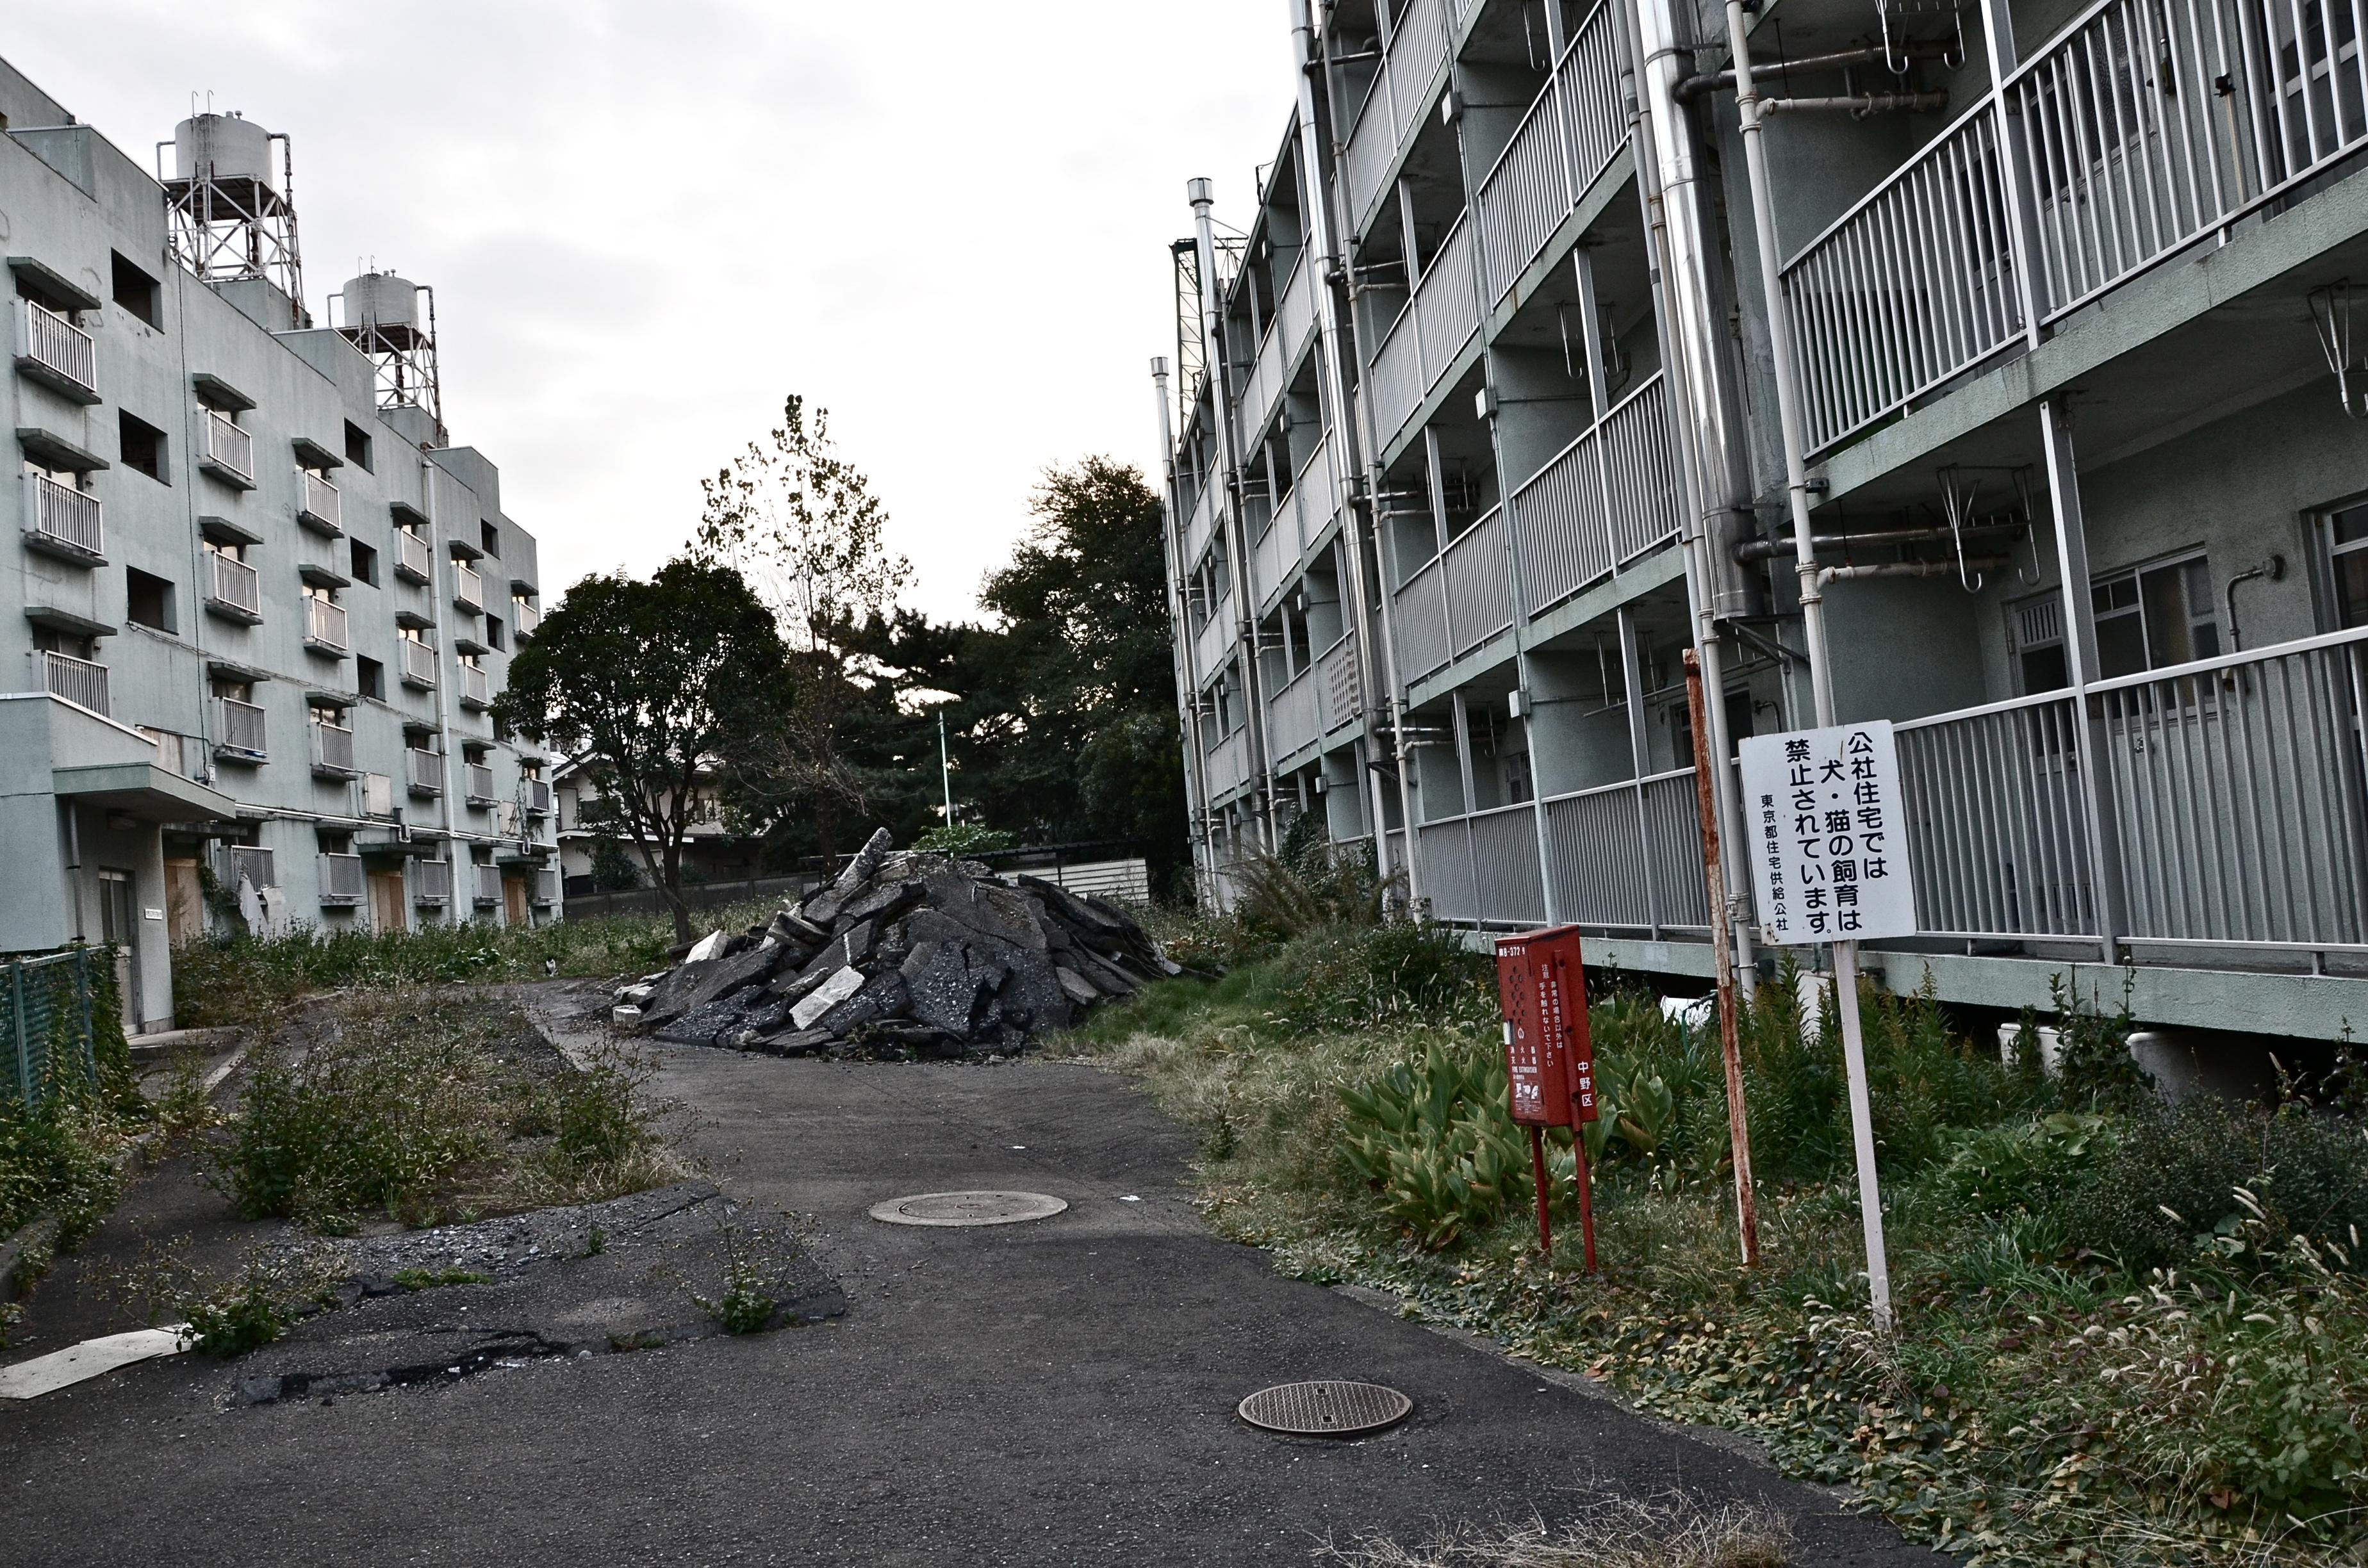 供給 東京 都 公社 住宅 東京都住宅供給公社(JKK東京)の新卒採用・会社概要